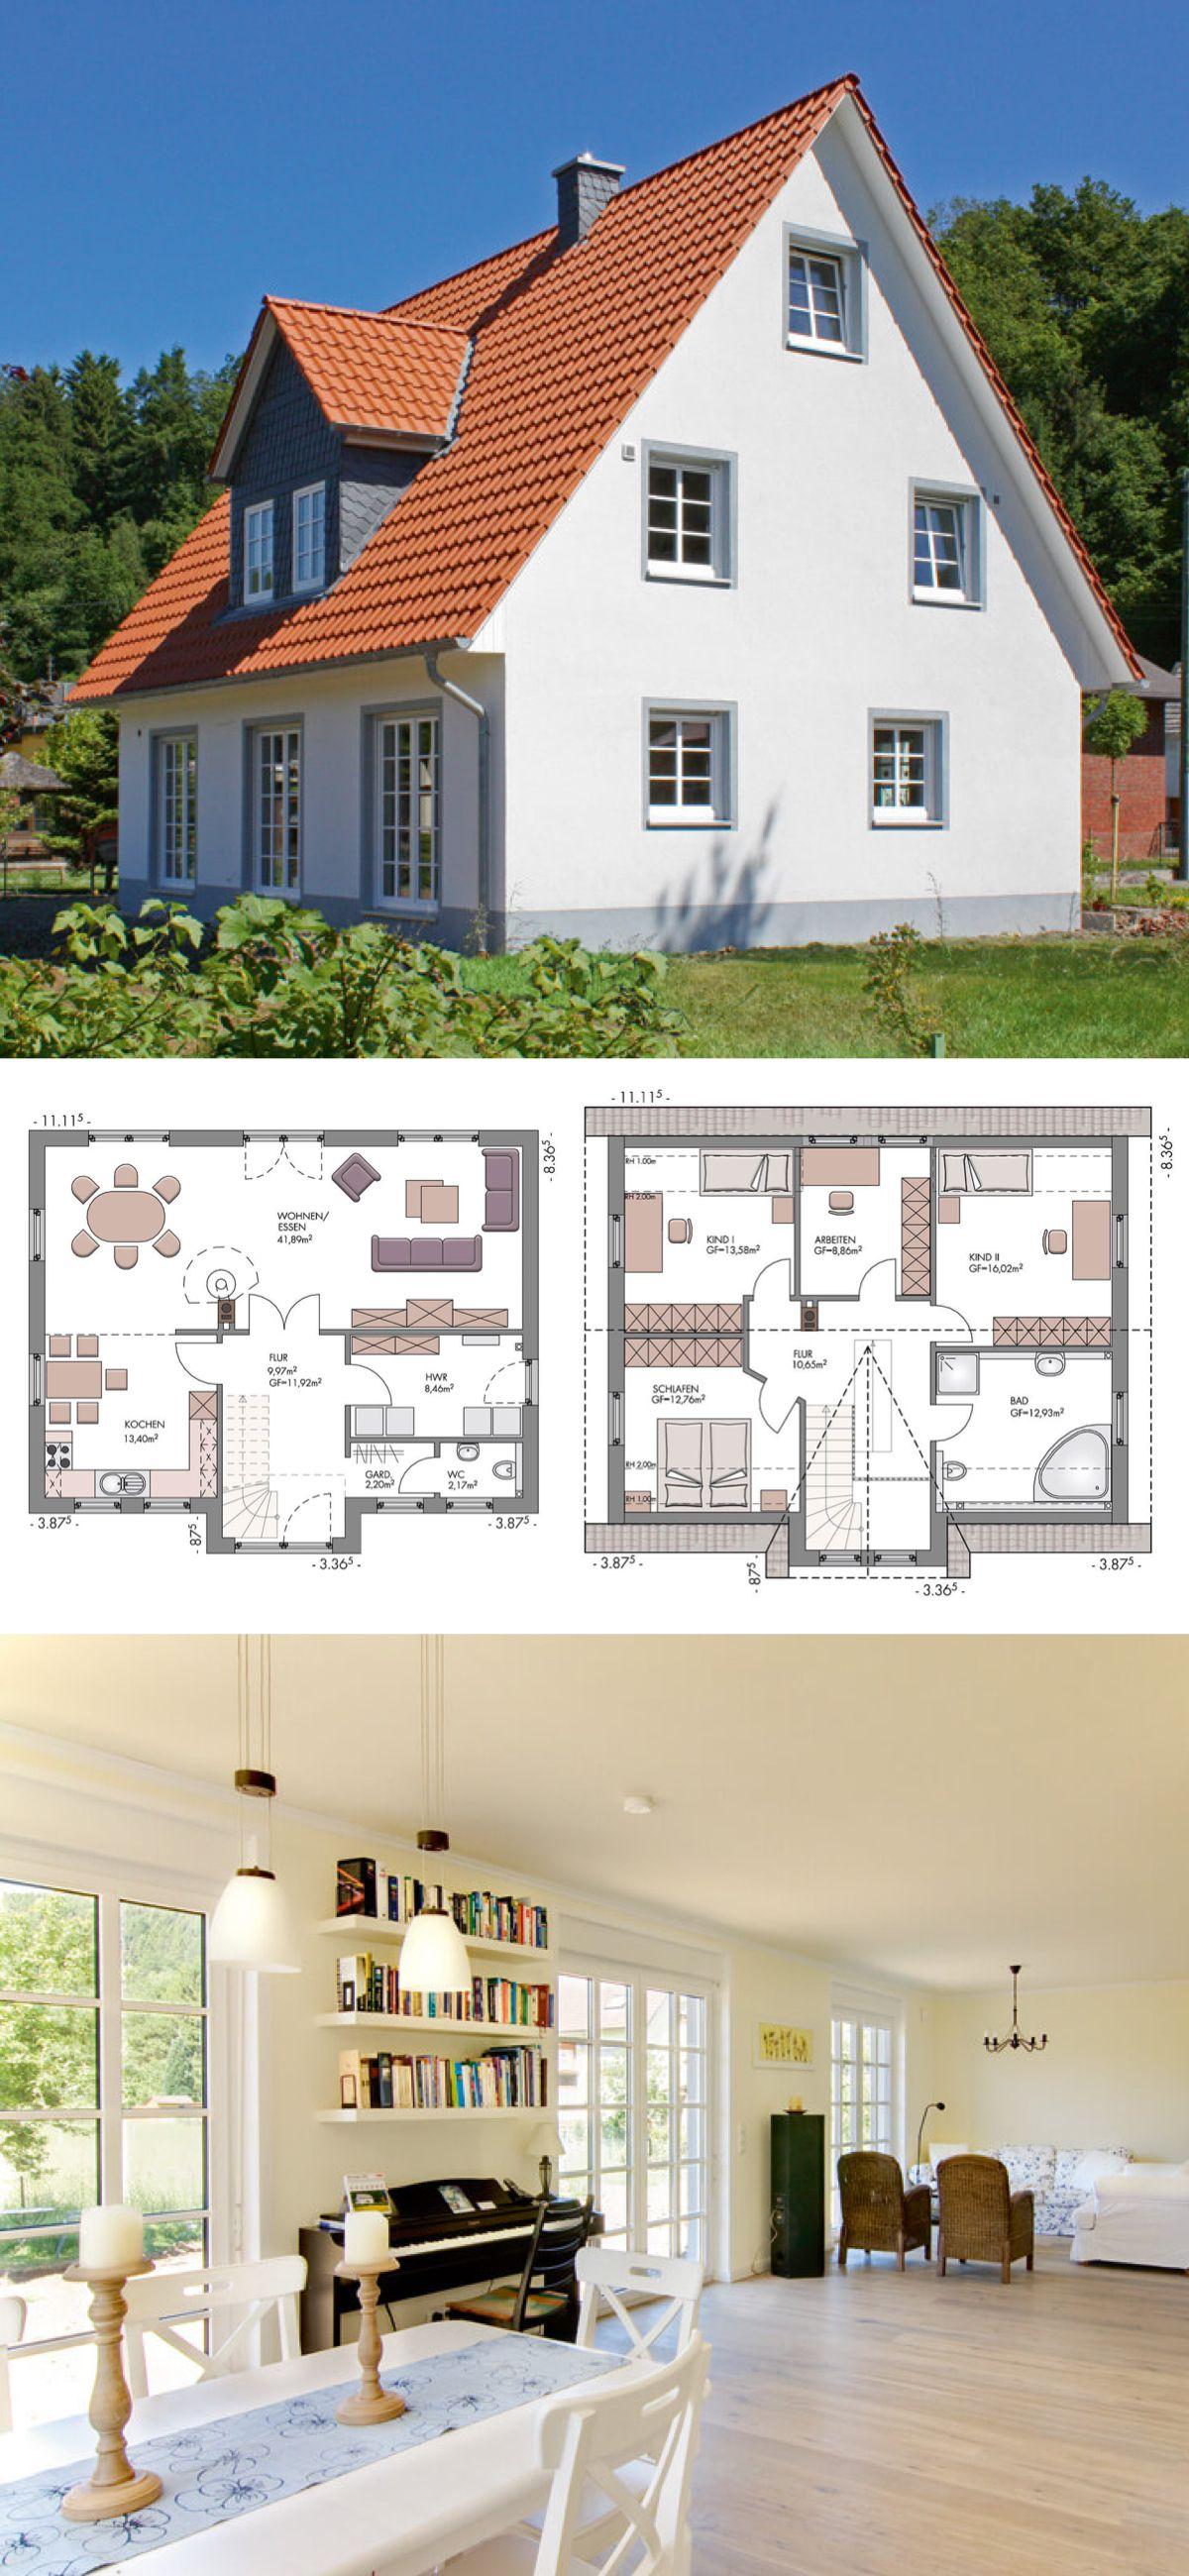 Landhaus Architektur Neubau Mit Satteldach Gaube Einfamilienhaus